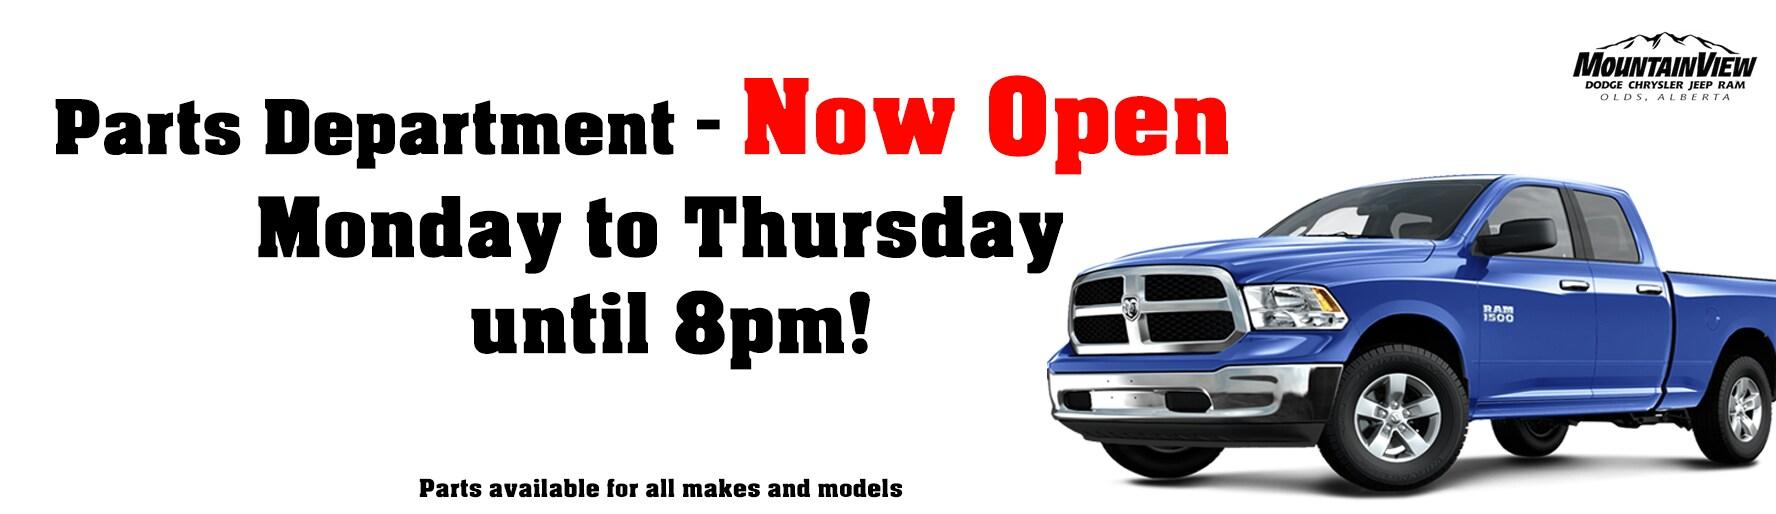 service ram and northland for promo sale dealer chrysler in dodge parts jeep disclaimer mopar vehicles htm prince